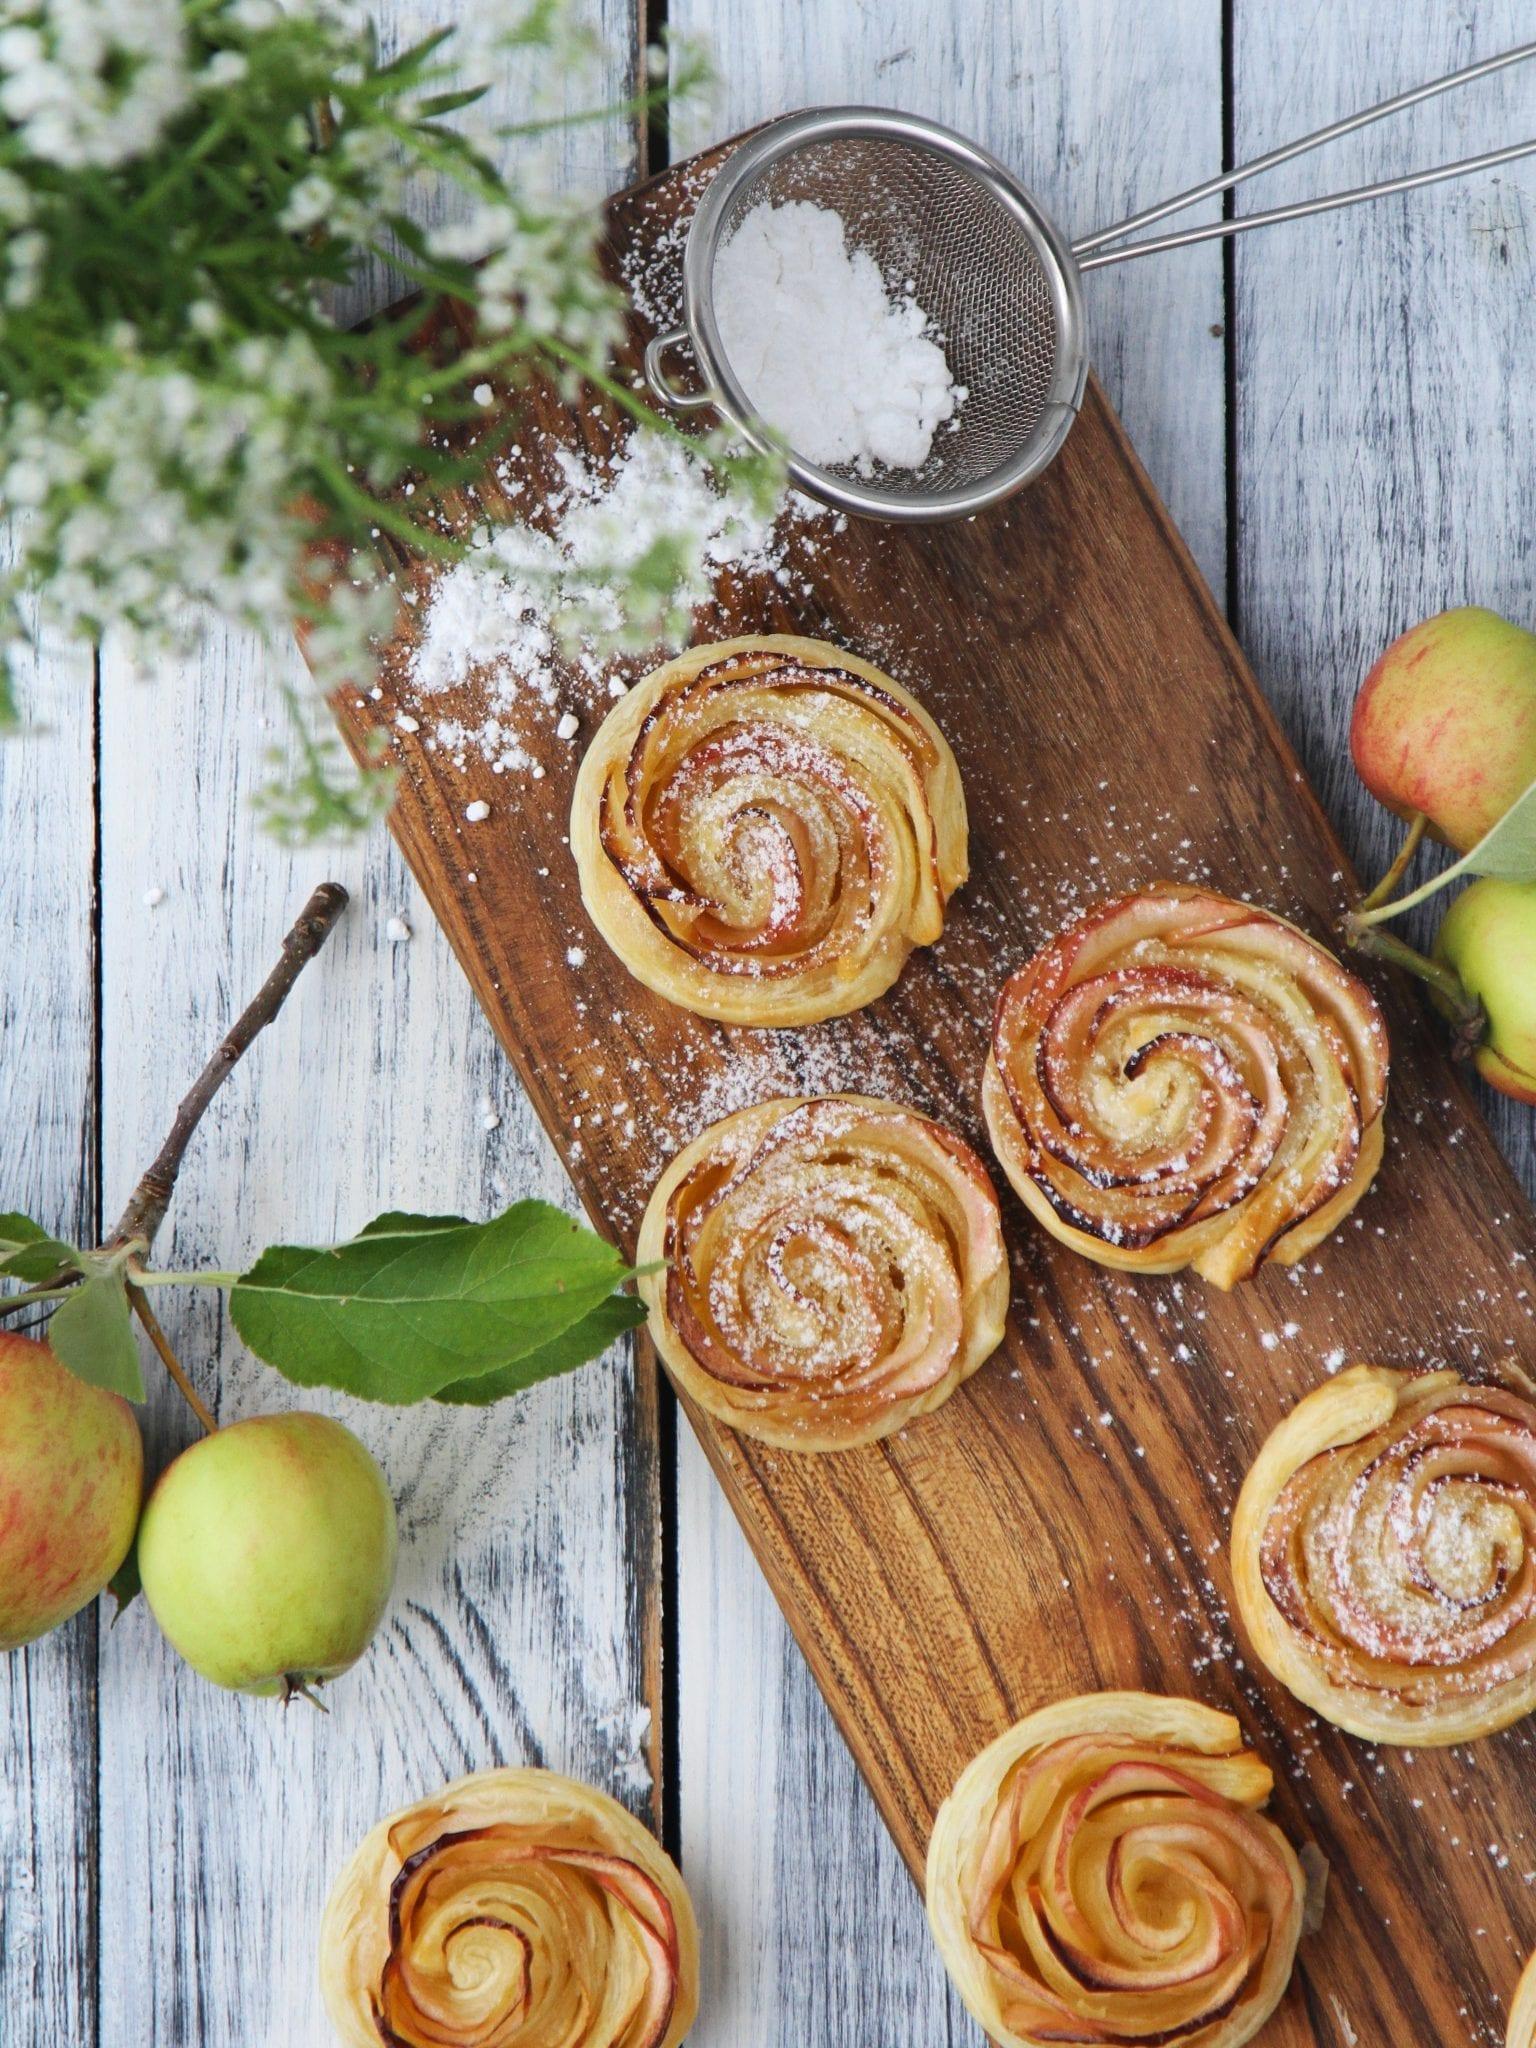 Æble roser - nemme og smukke kager